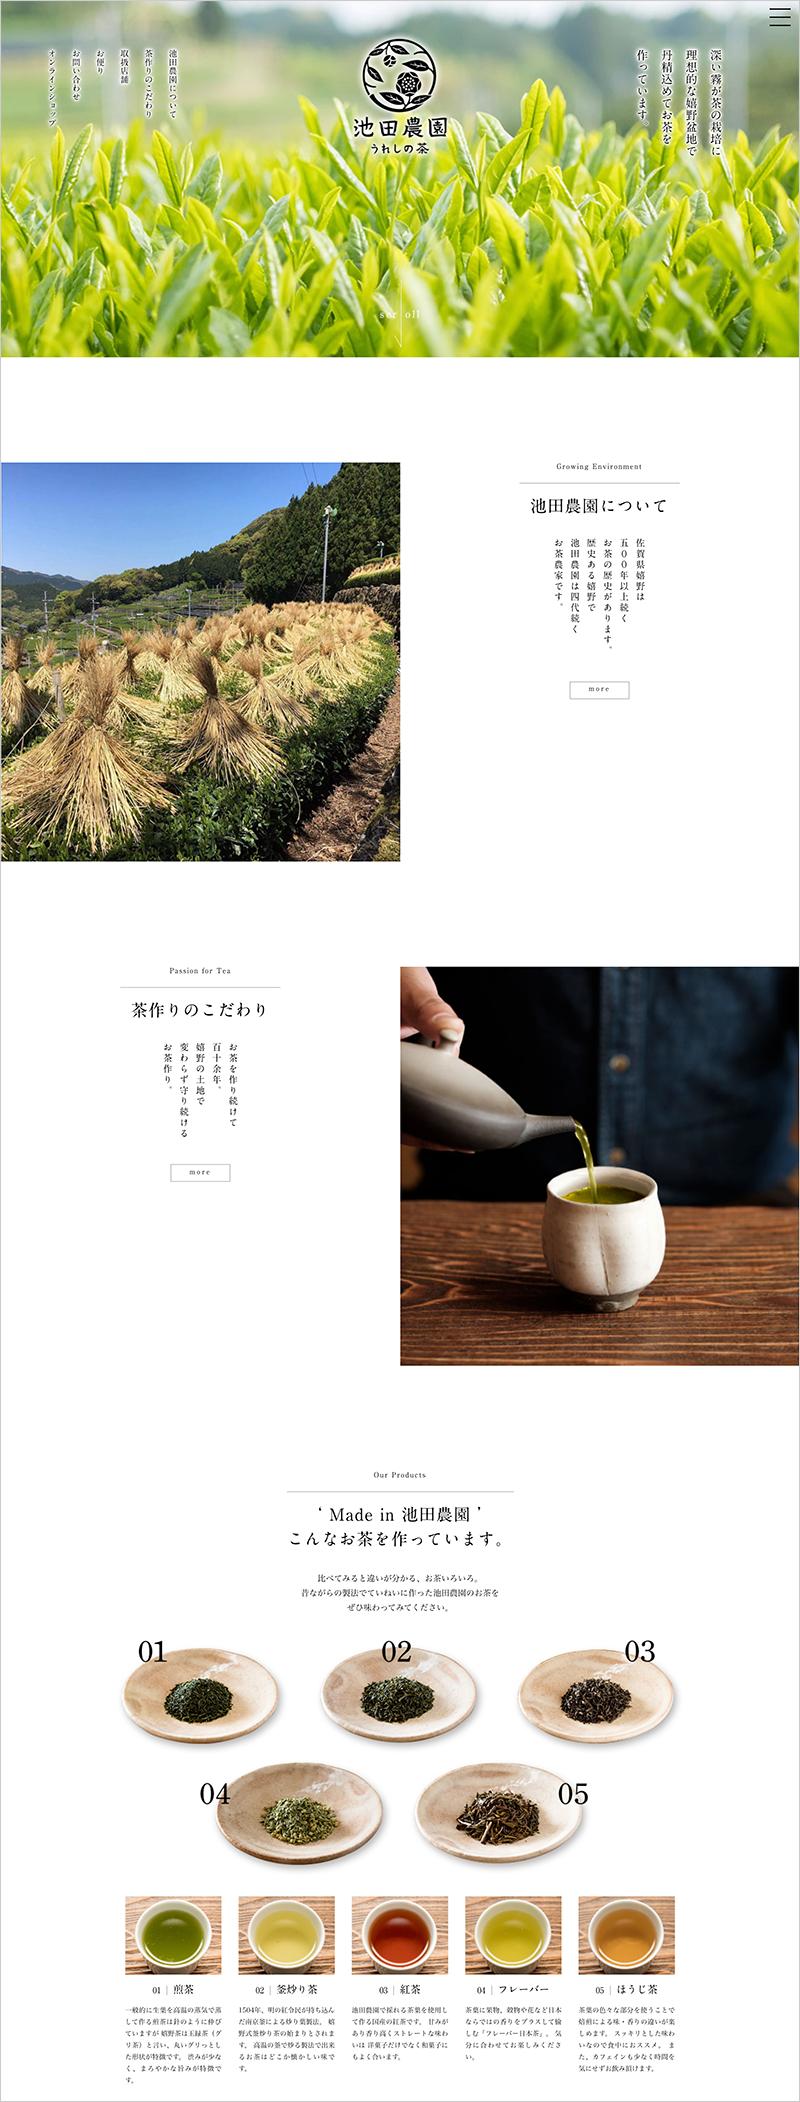 池田農園ホームページイメージ画像